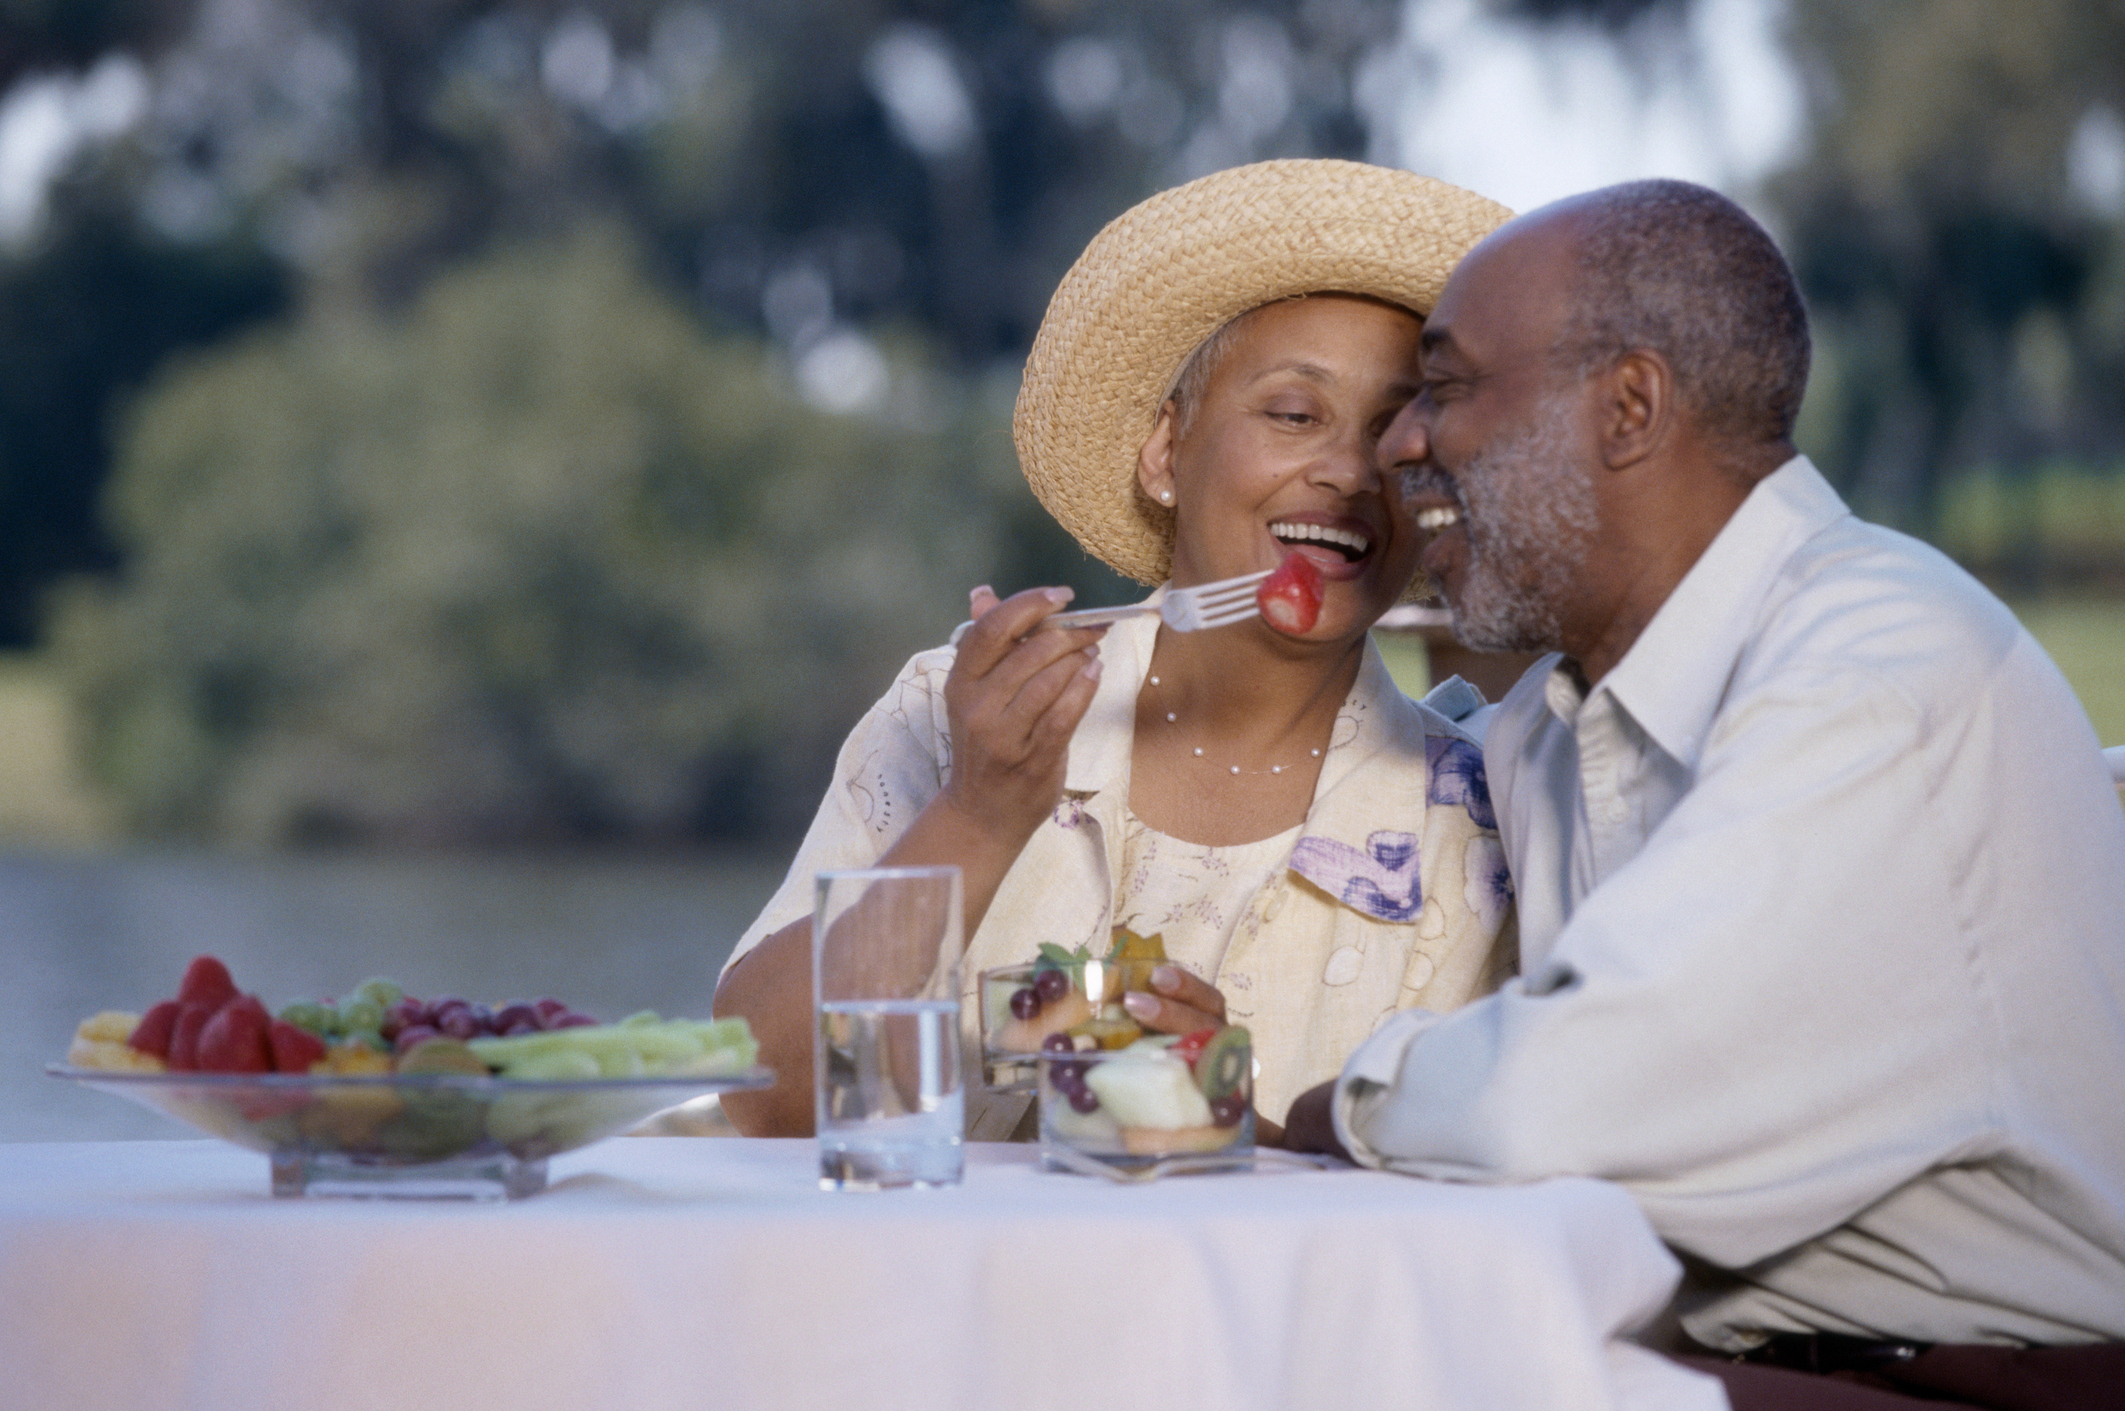 O segredo para um relacionamento feliz3 min read